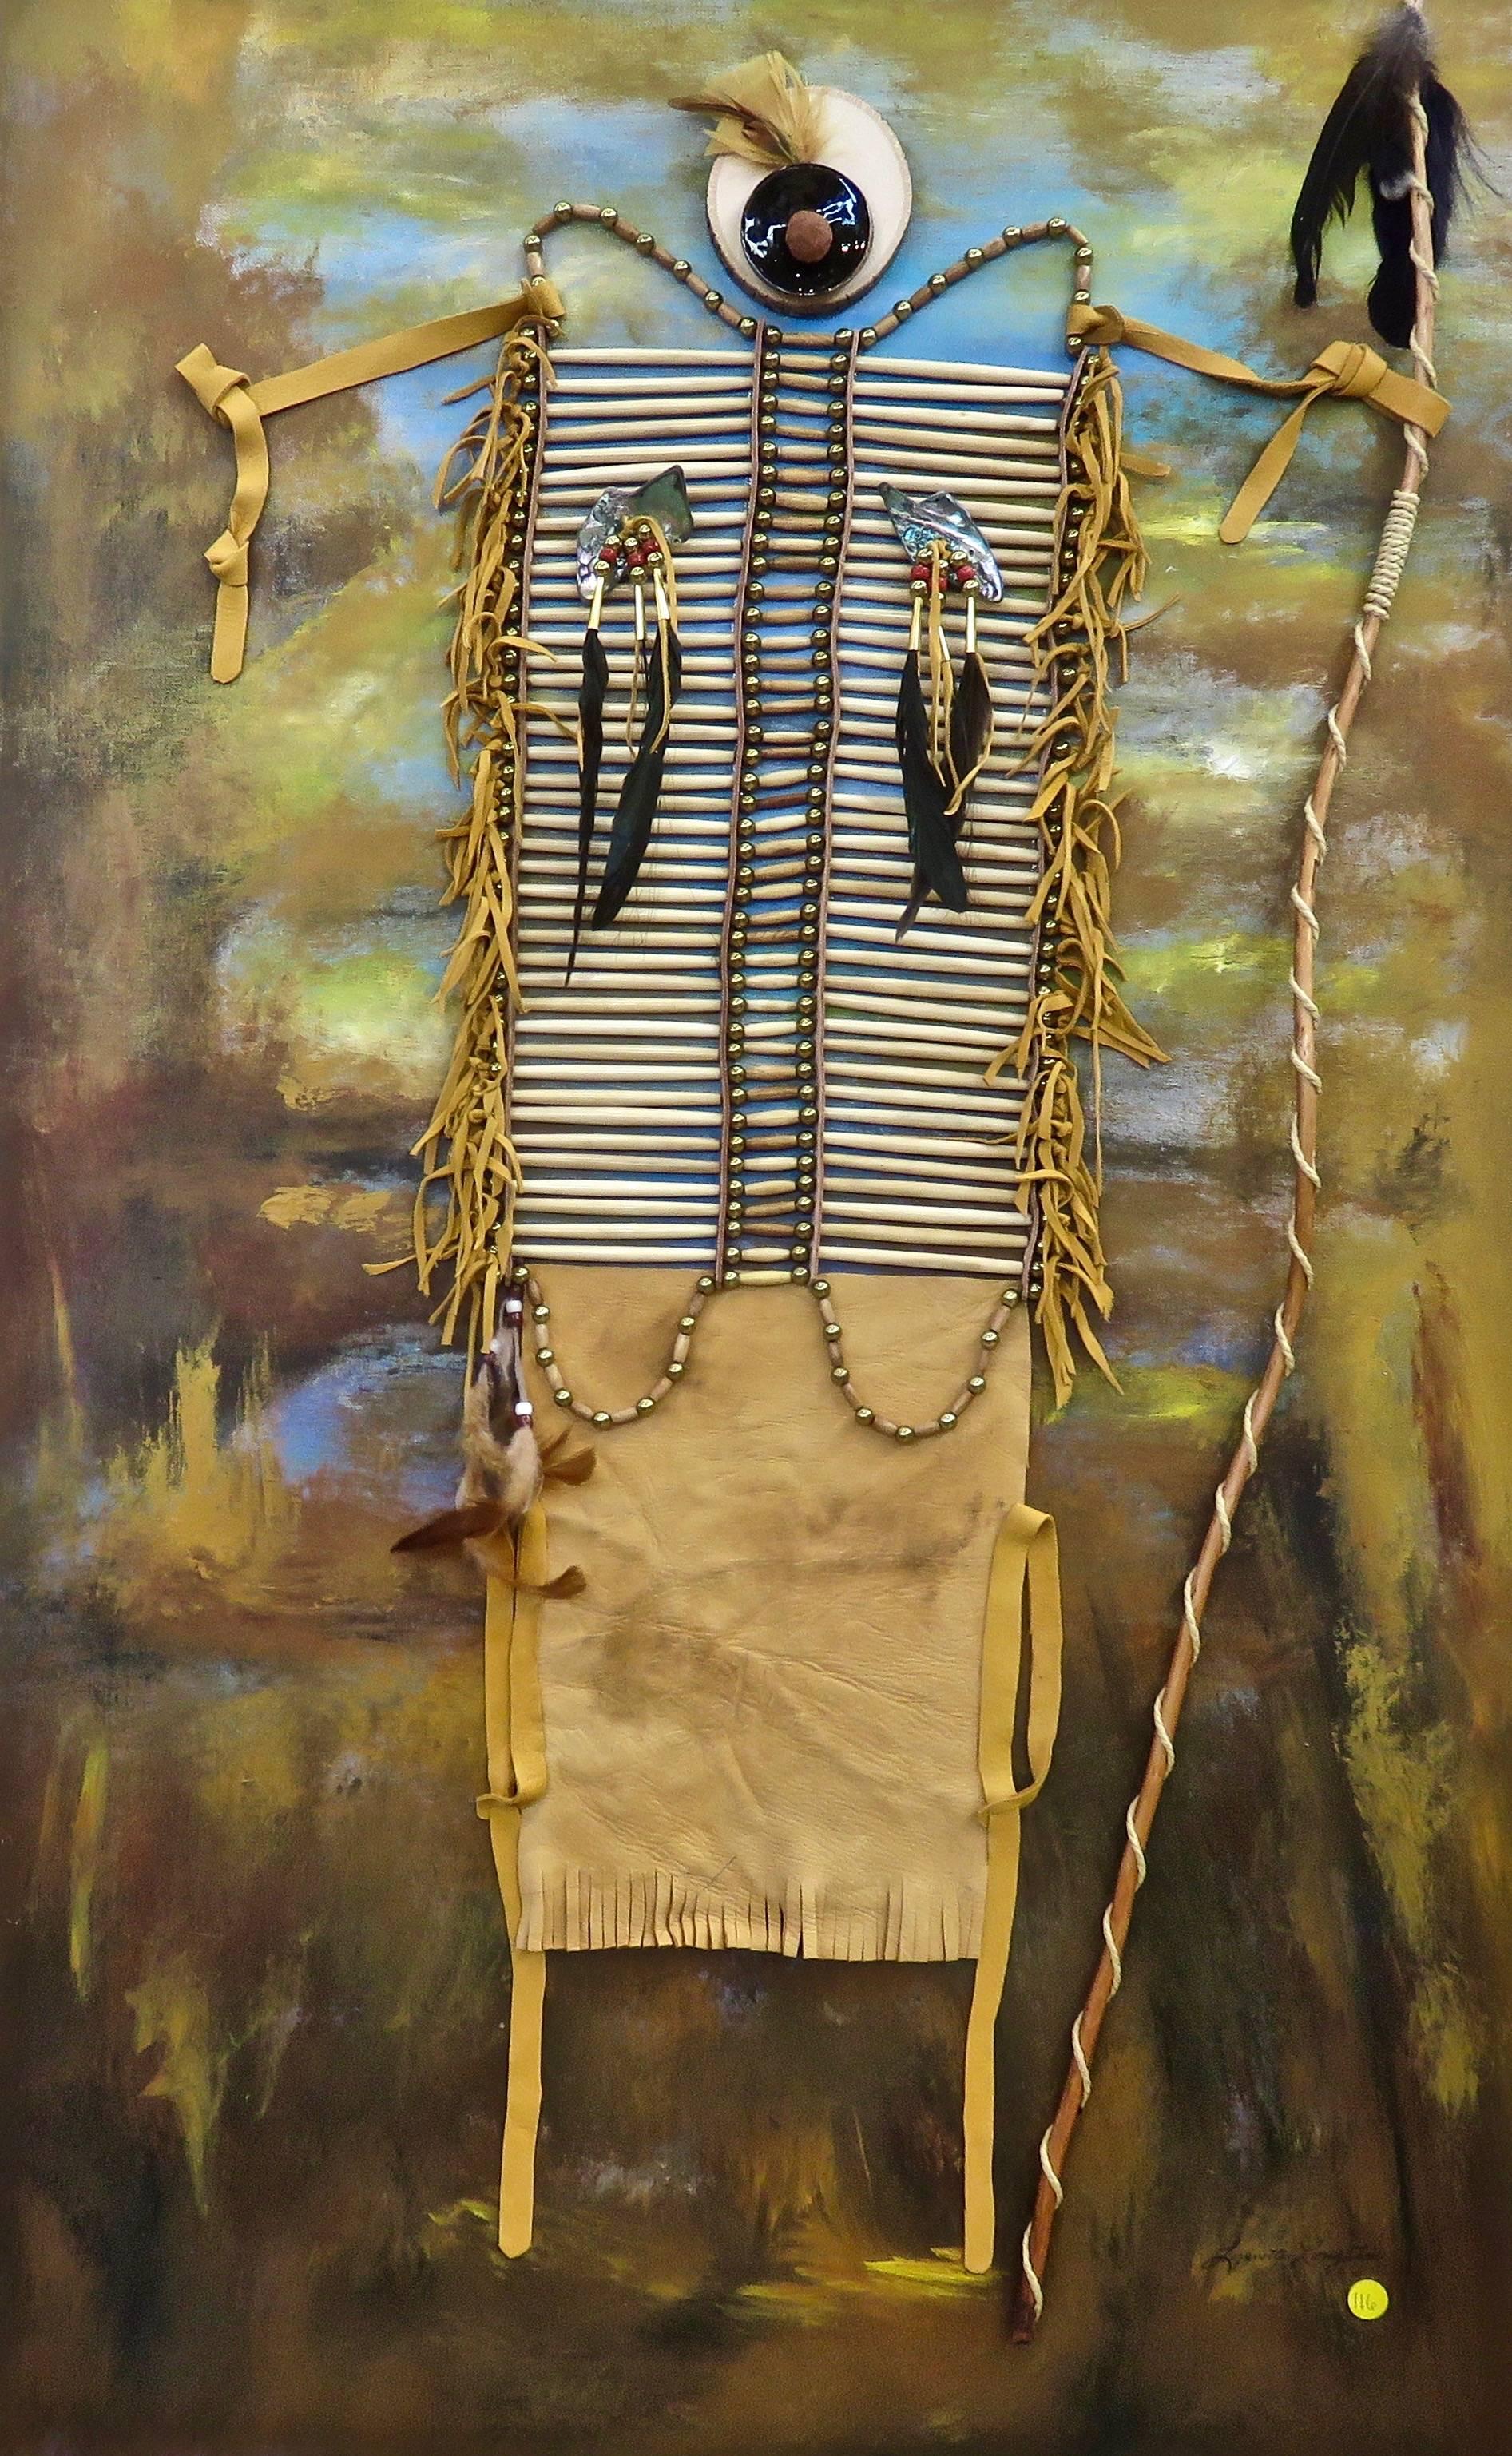 Chief Shaman Spirit